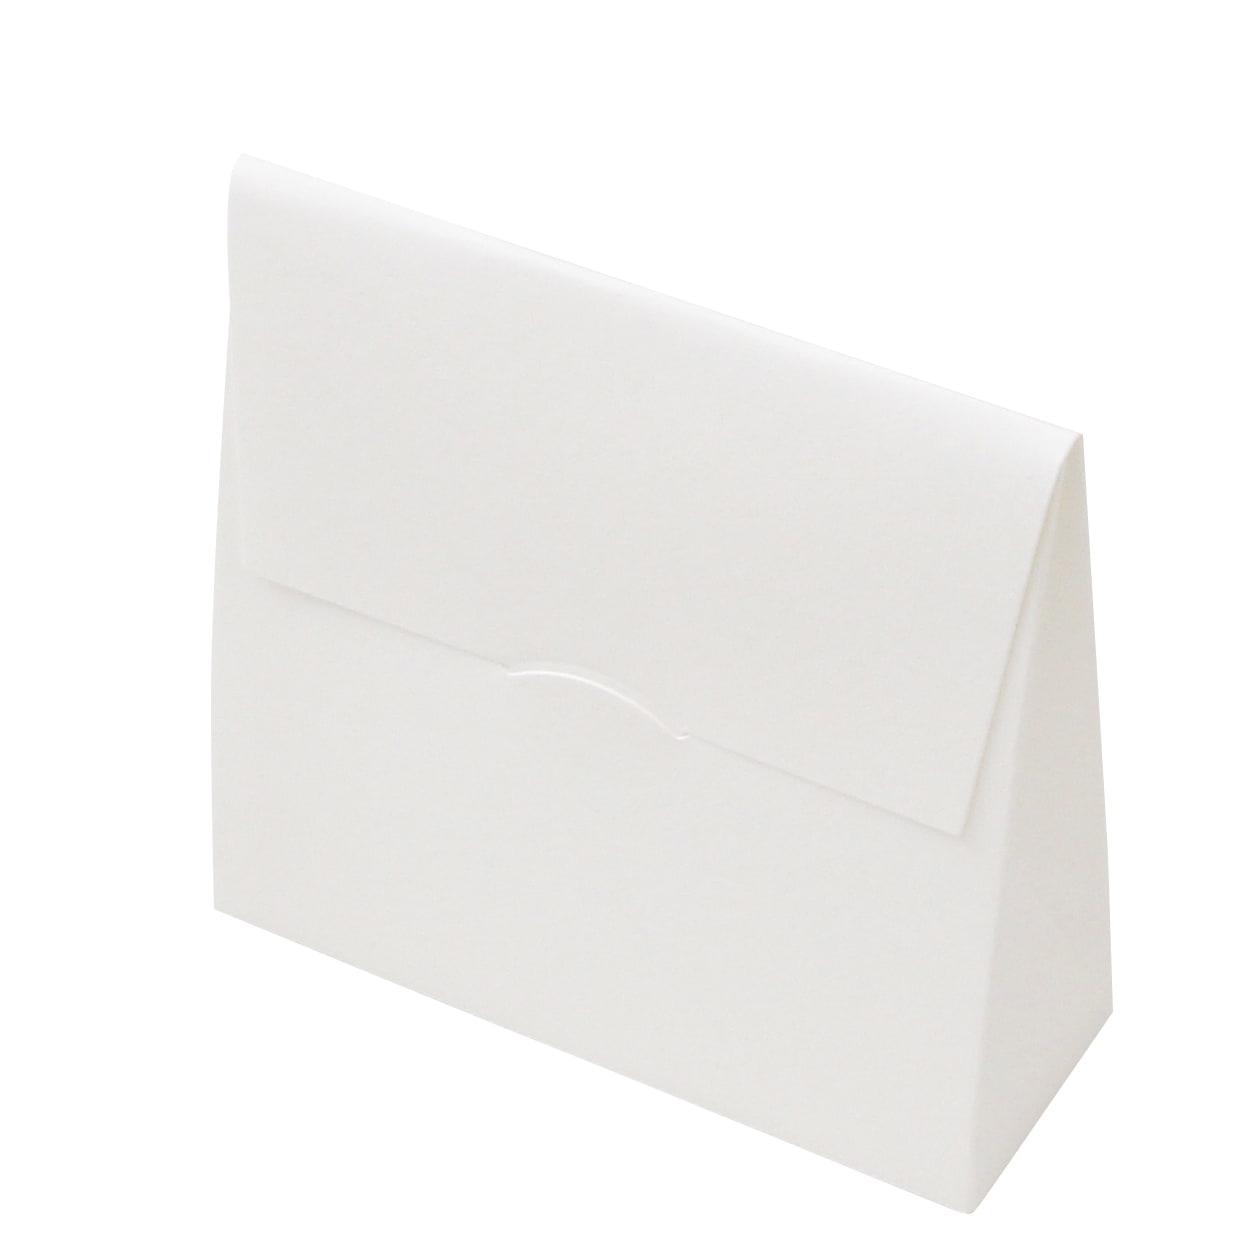 角底箱ロック式90×90×30 窓付 コットン スノーホワイト 232.8g